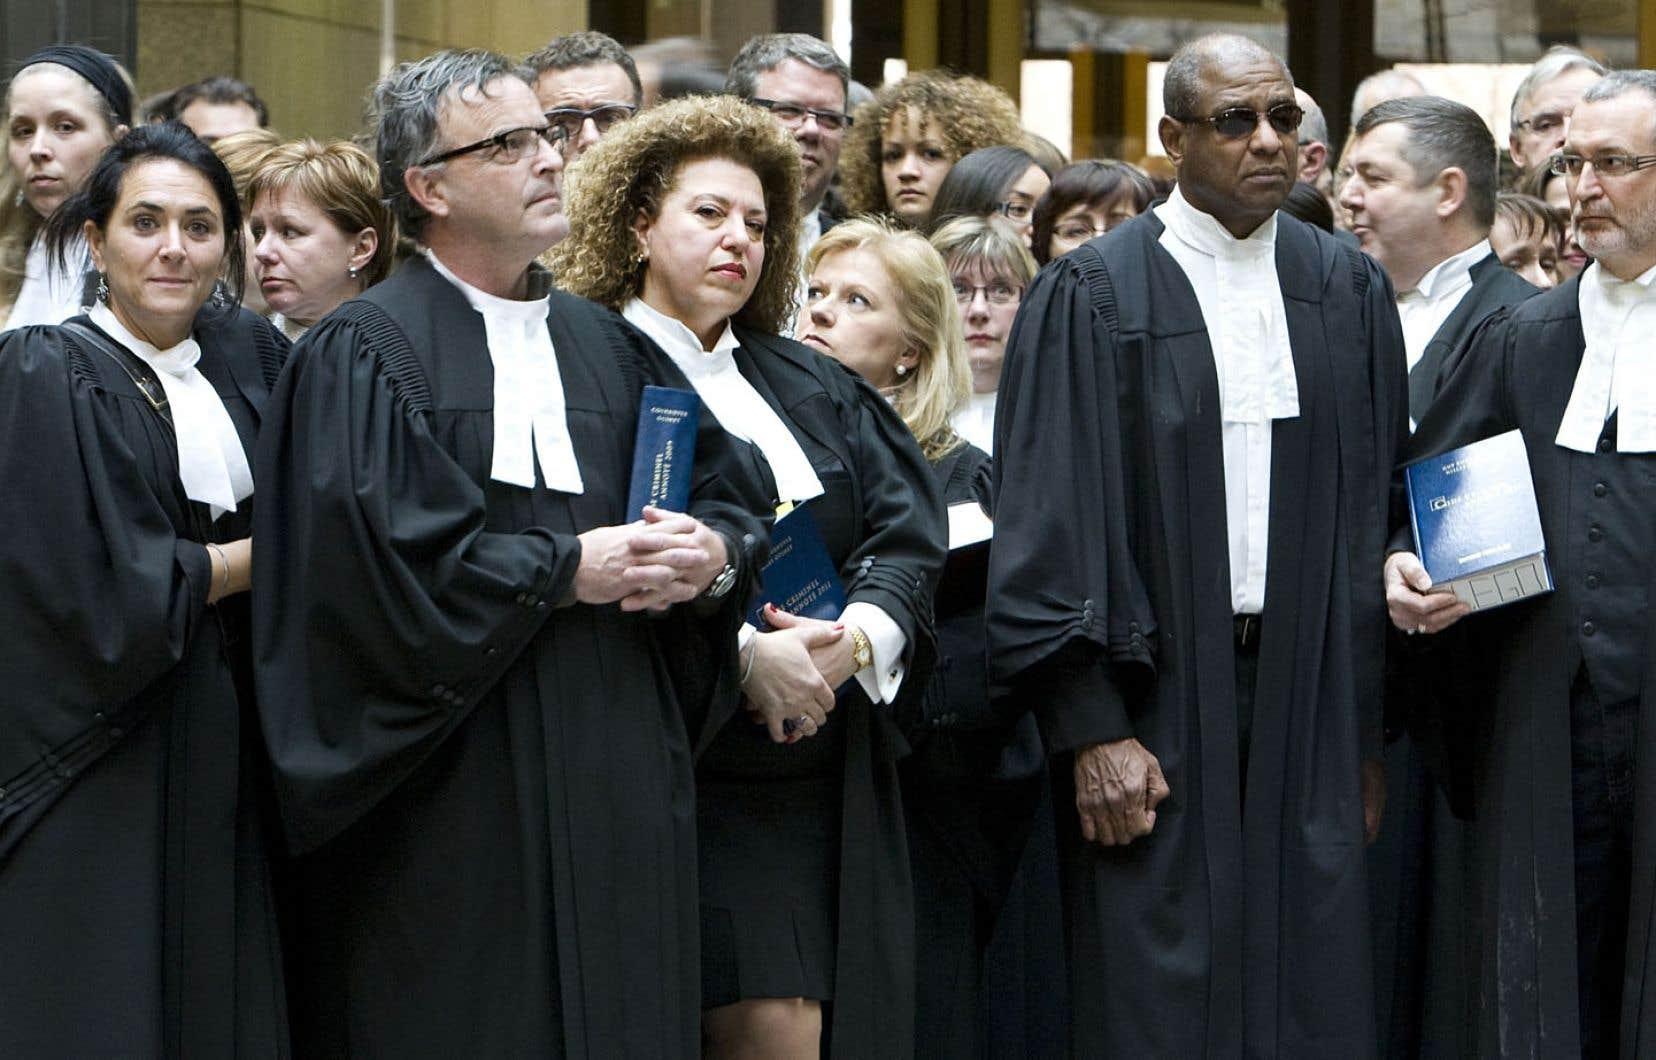 Le nouveau code de déontologie des juristes sera forgé autour du droit actuel.